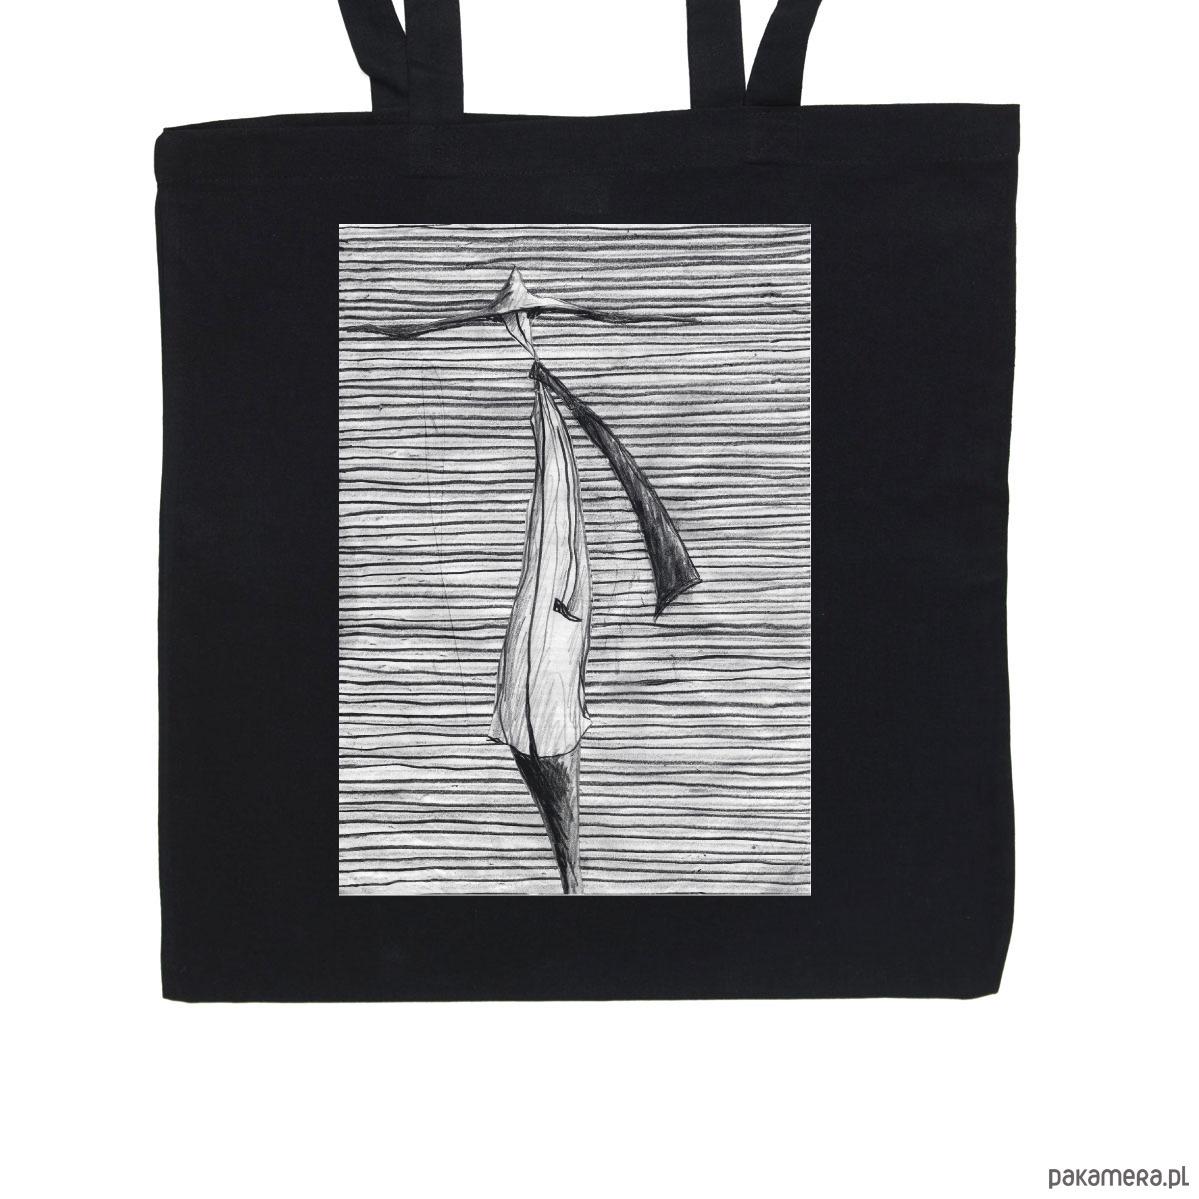 02da59983a652 Prążki - torba bawełniana czarna - torby na zakupy - unisex - Pakamera.pl